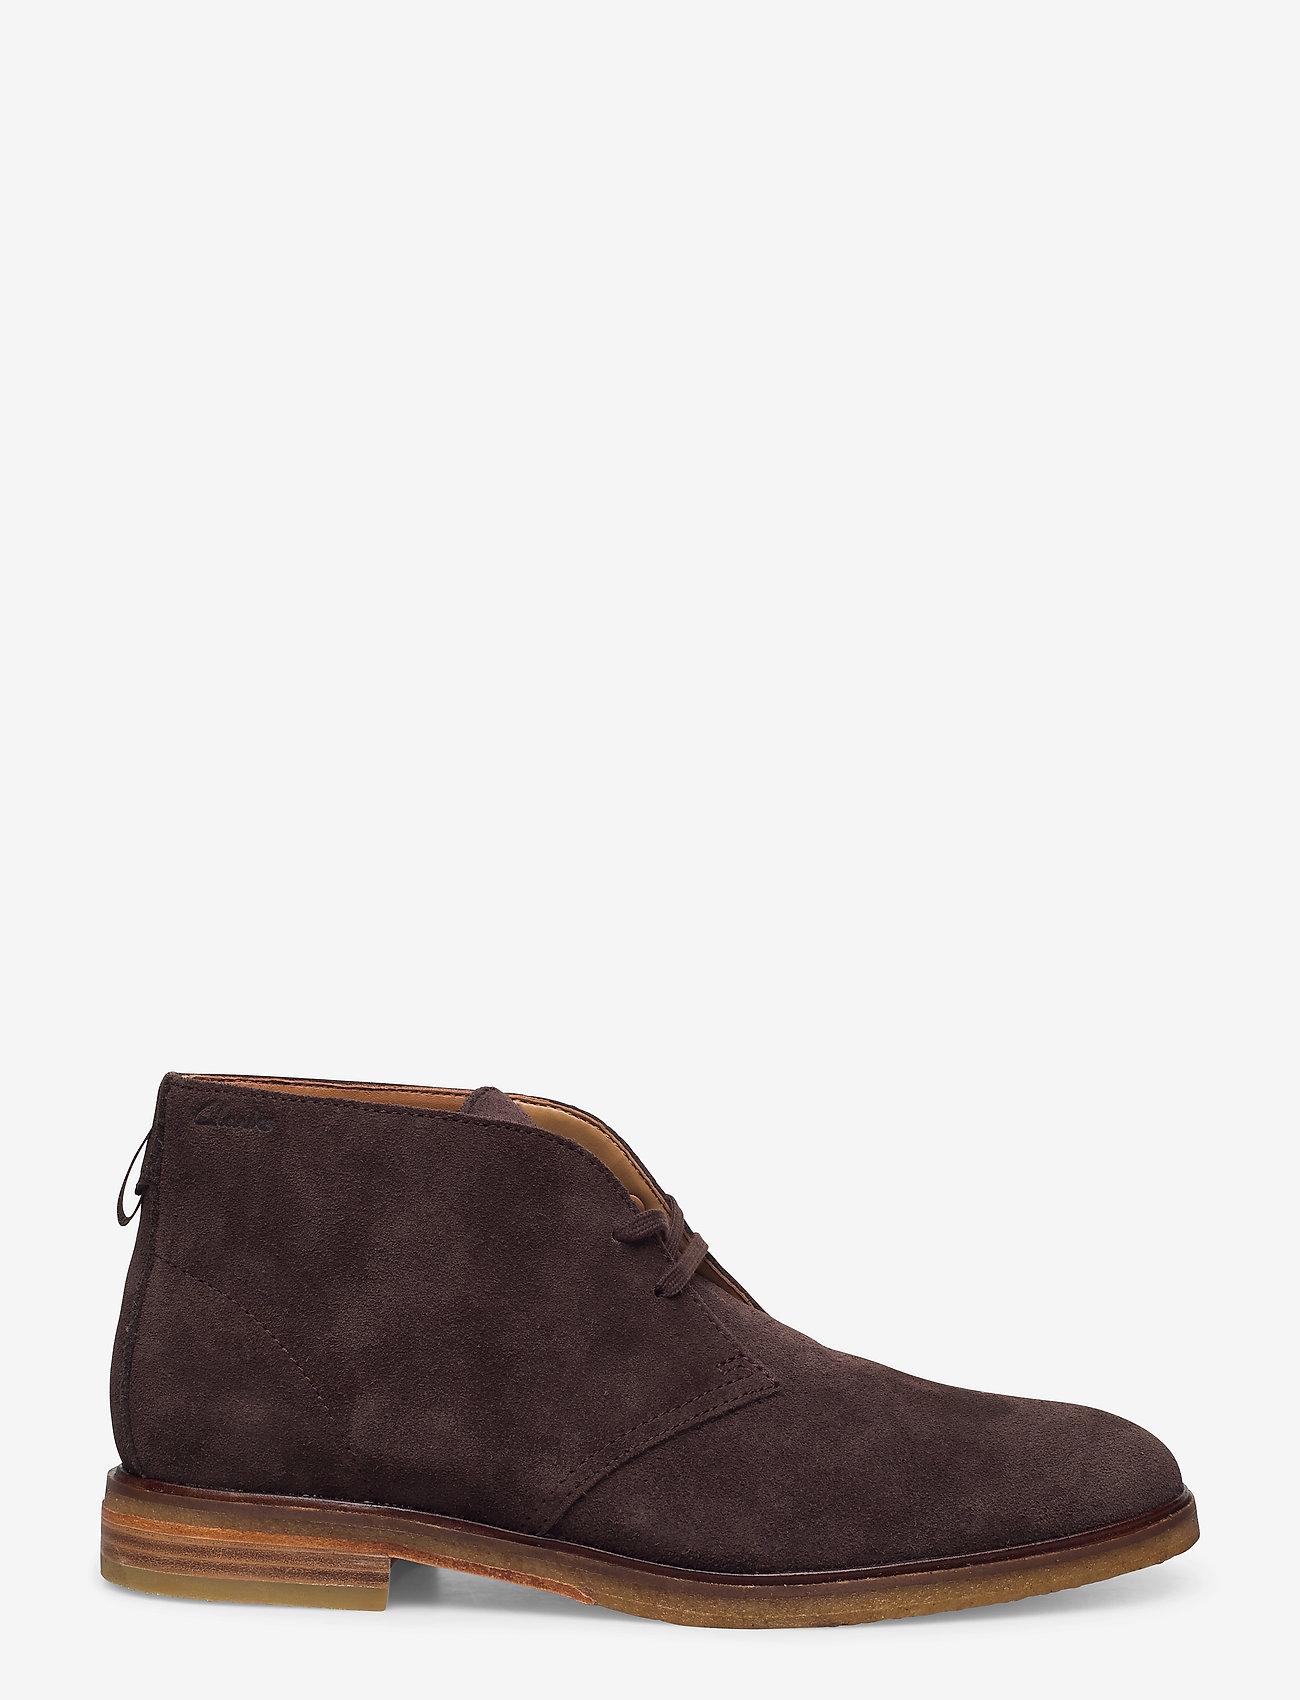 Clarks - Clarkdale DBT - desert boots - dark brown suede - 1